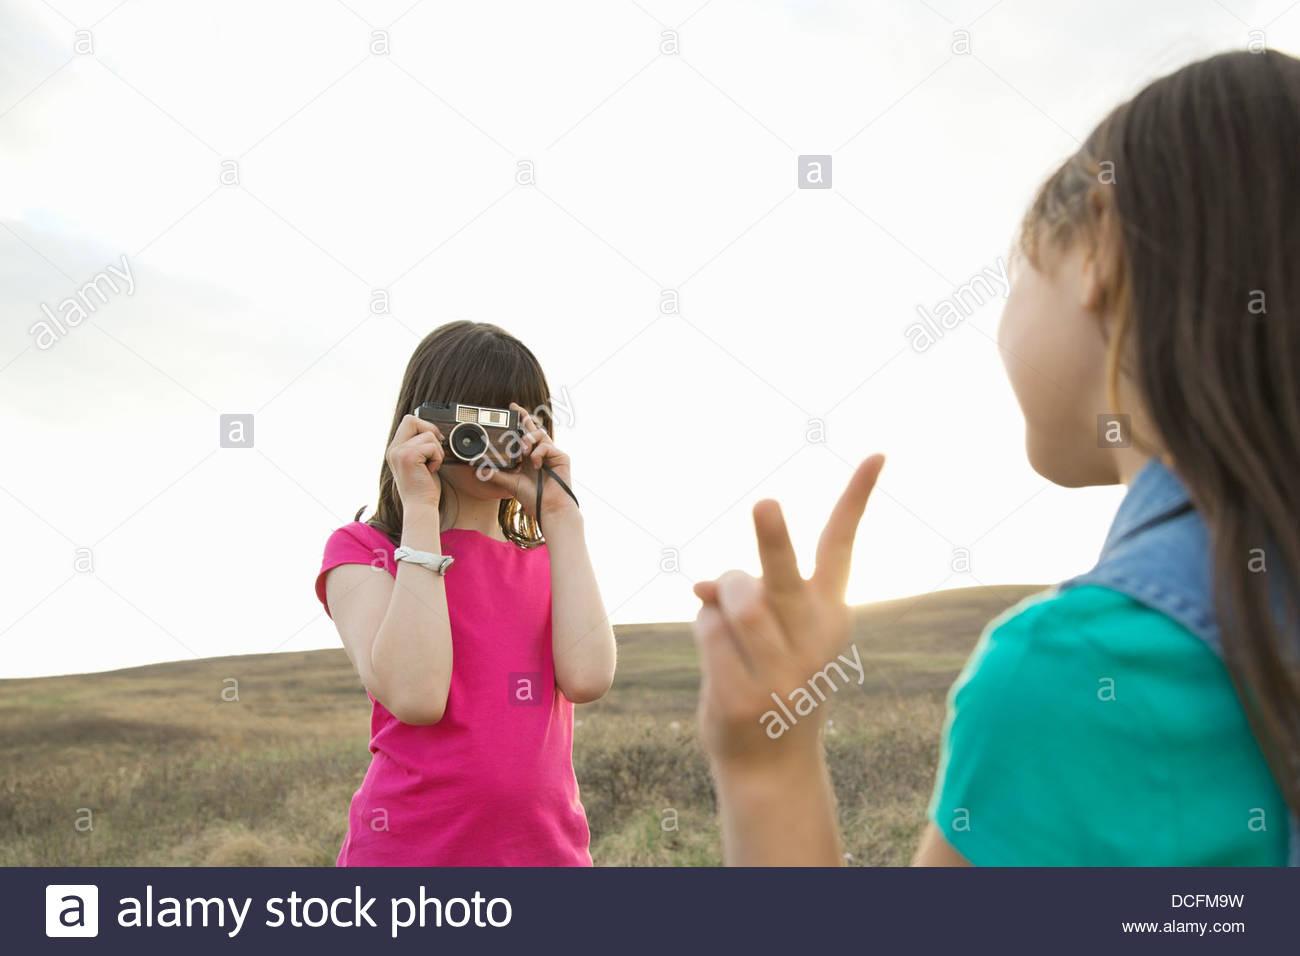 Ragazza fotografare amico femmina durante la gita Immagini Stock